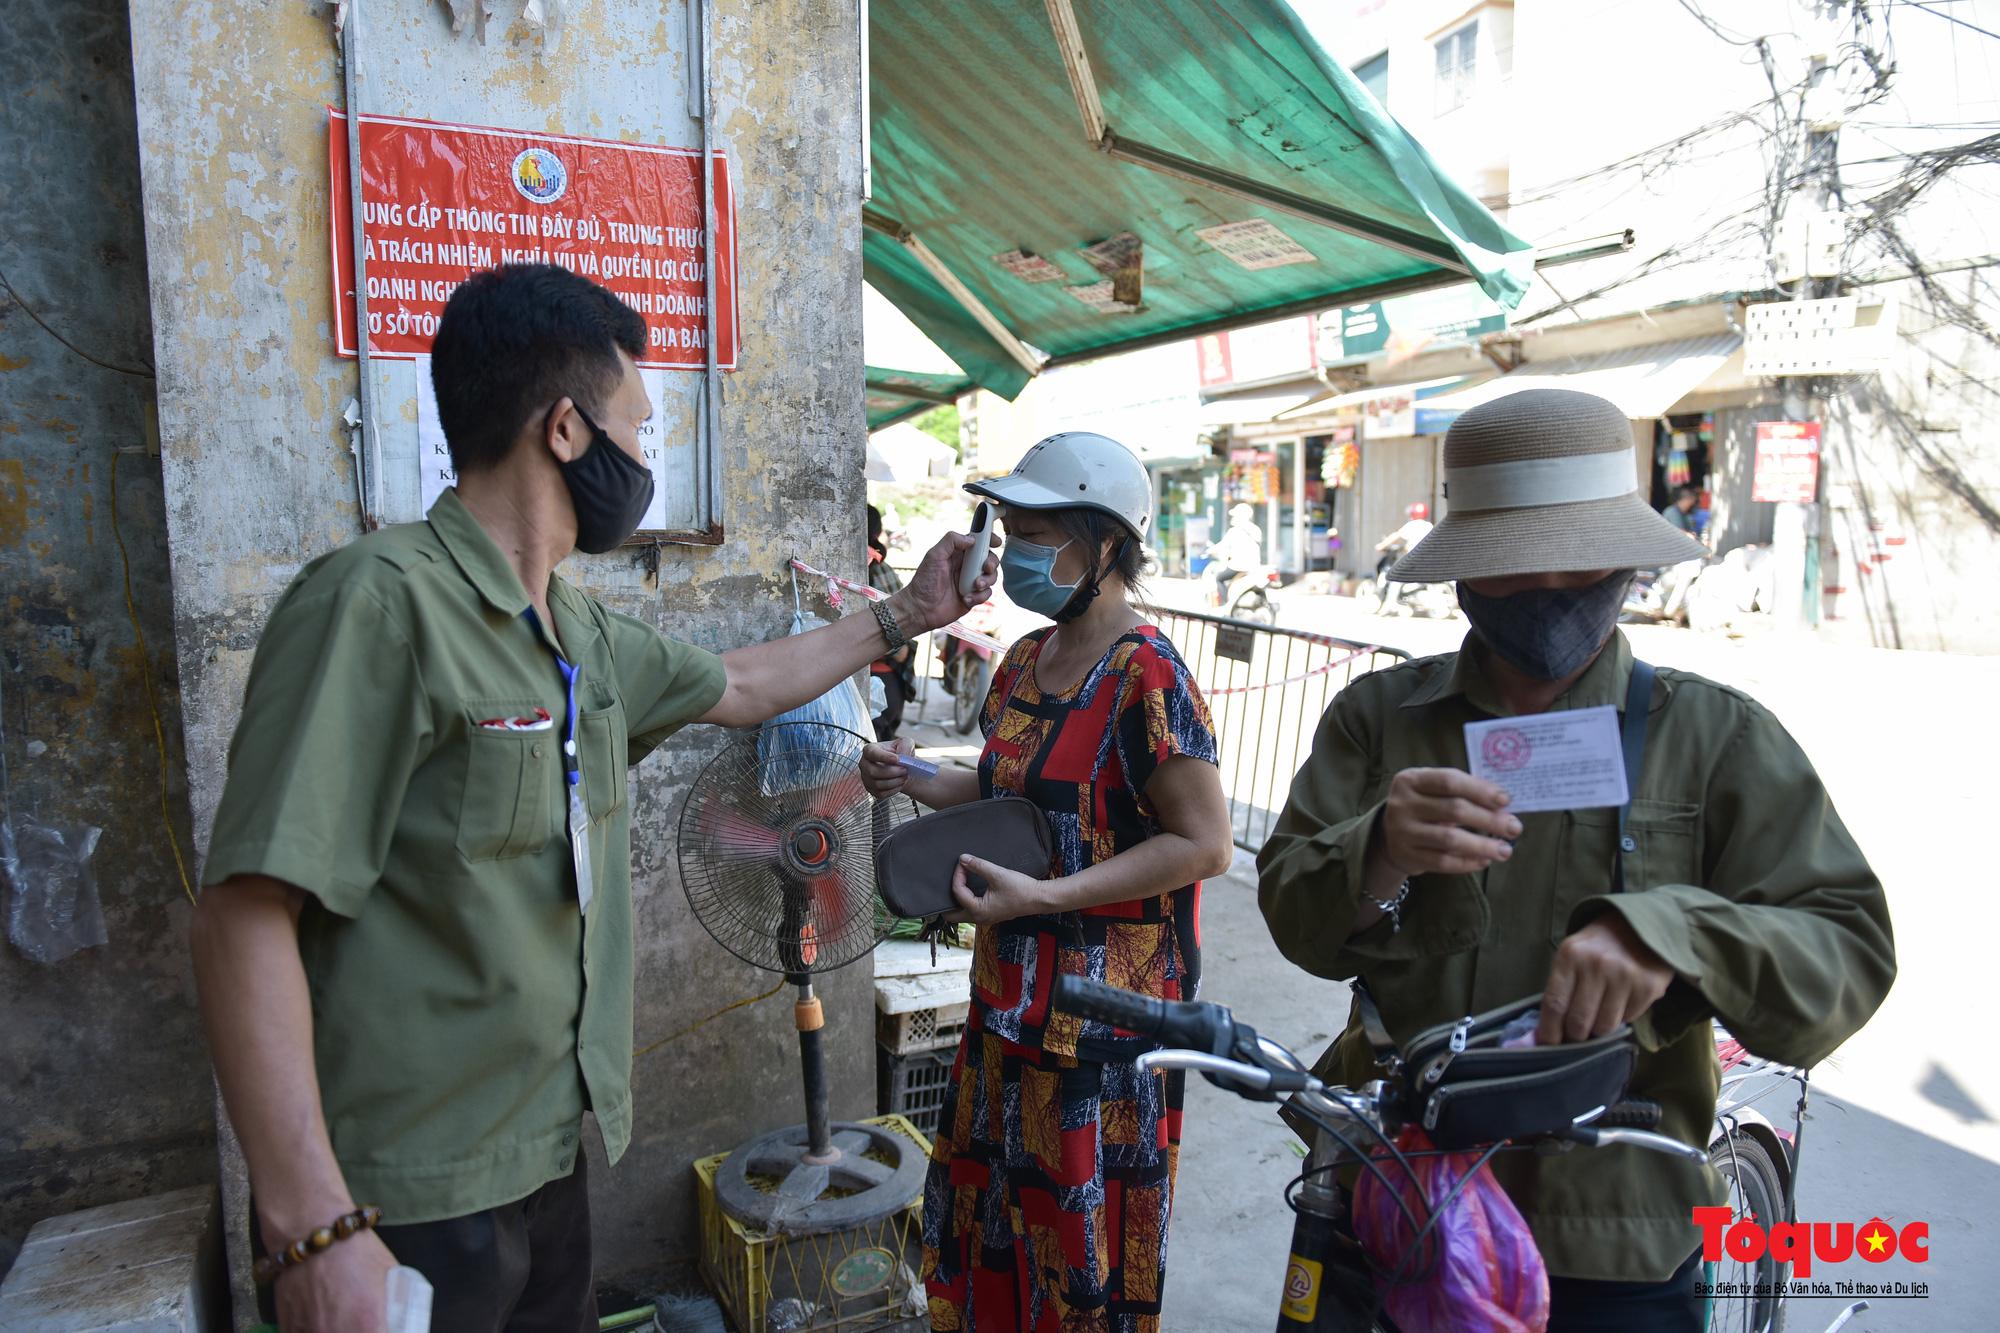 Hà Nội: Muôn kiểu đi chợ trong thời giãn cách xã hội ở thủ đô - Ảnh 14.